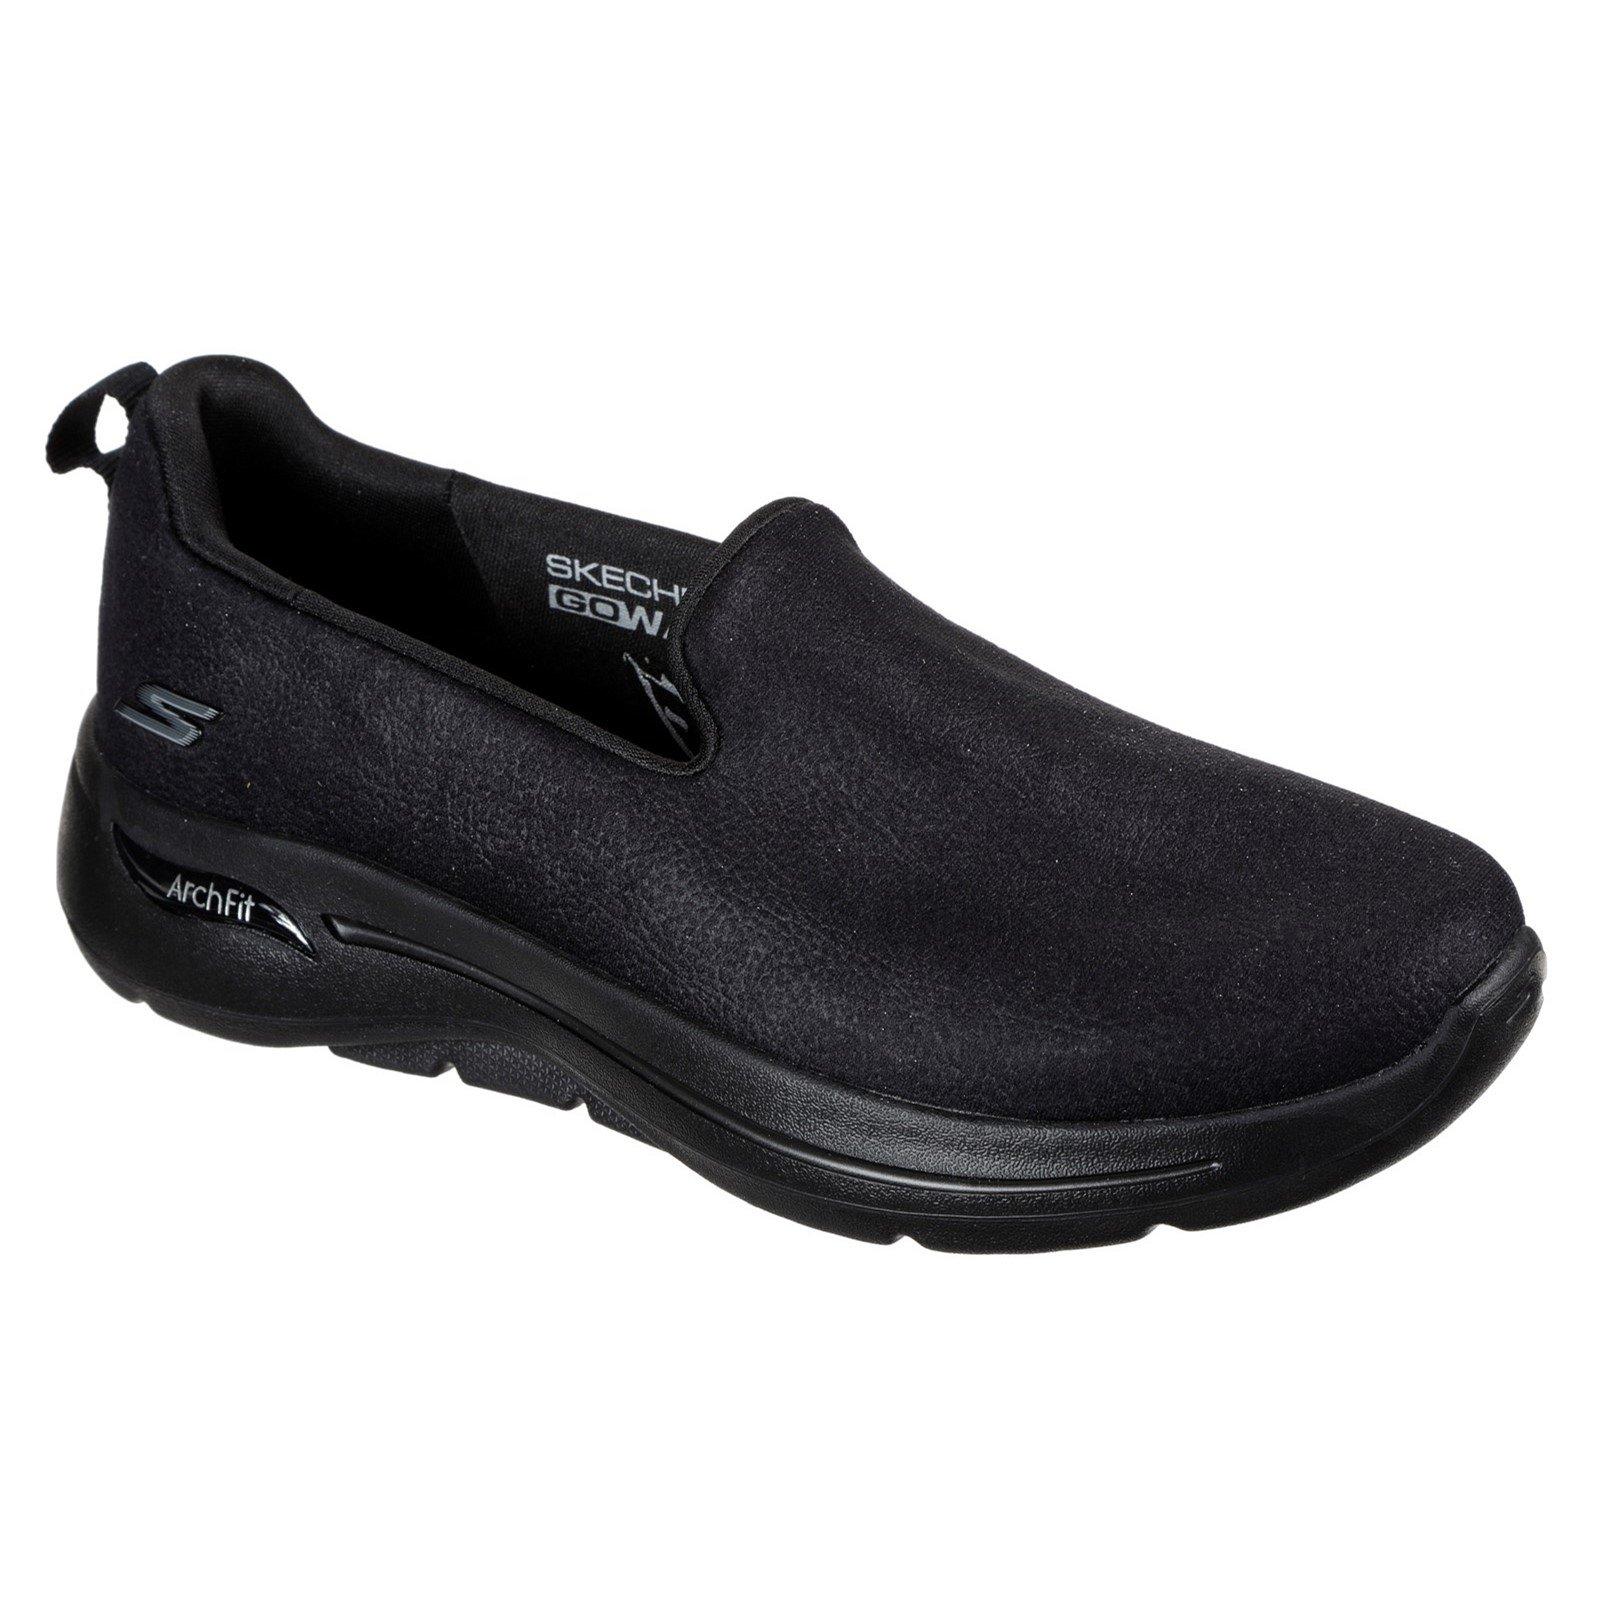 Skechers Women's Go Walk Arch Fit Smooth Voyage Trainer Black 32143 - Black 8